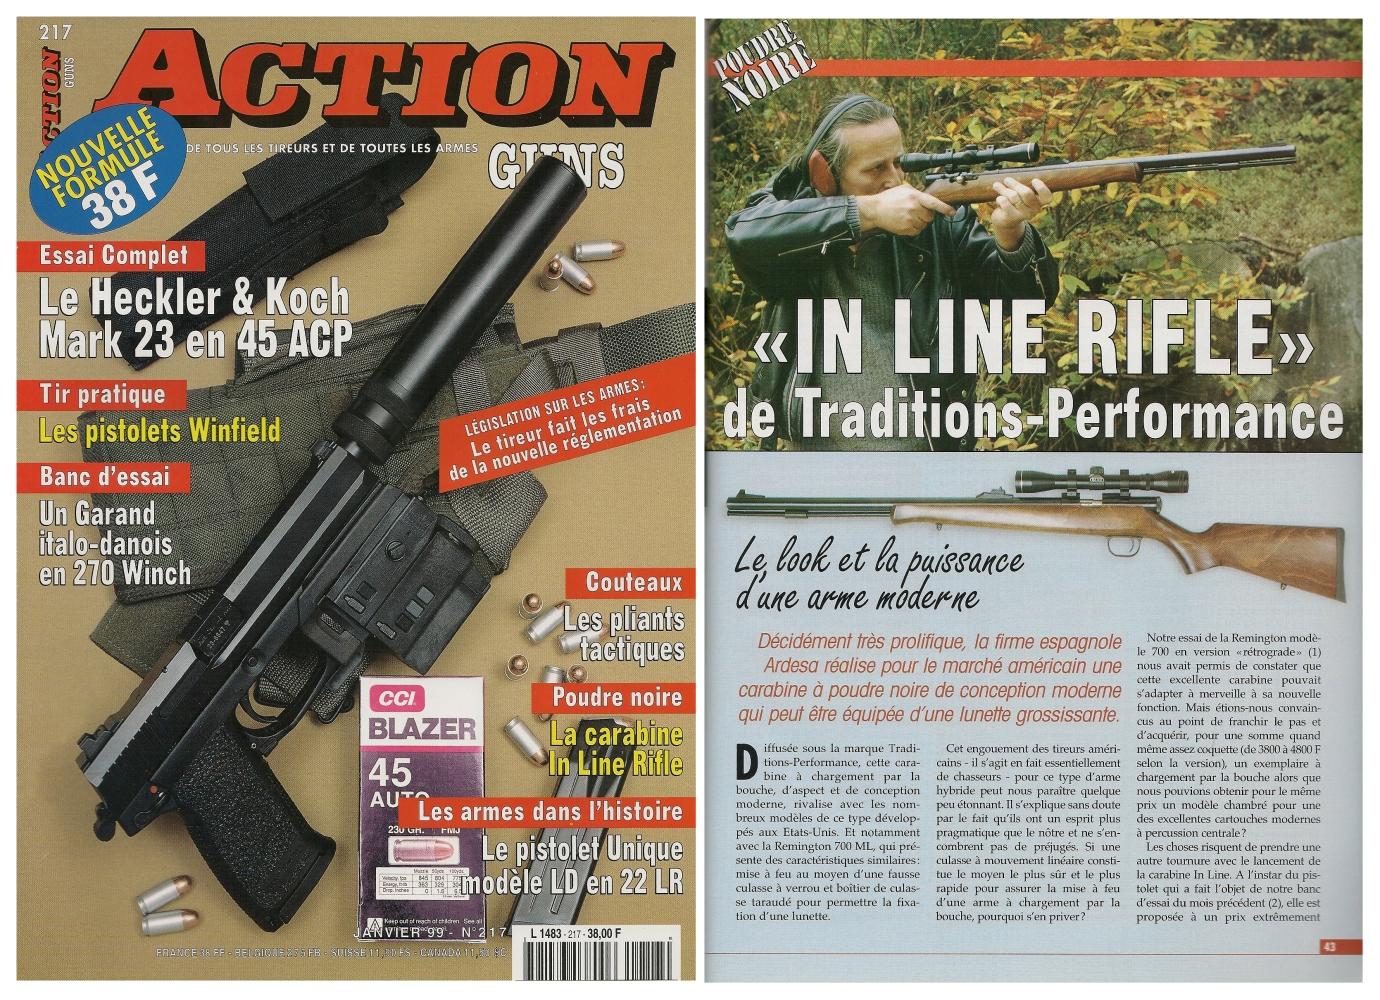 Le banc d'essai de la carabine Ardesa « In Line » a été publié sur 5 pages dans le magazine Action Guns n° 217 (janvier 1999).